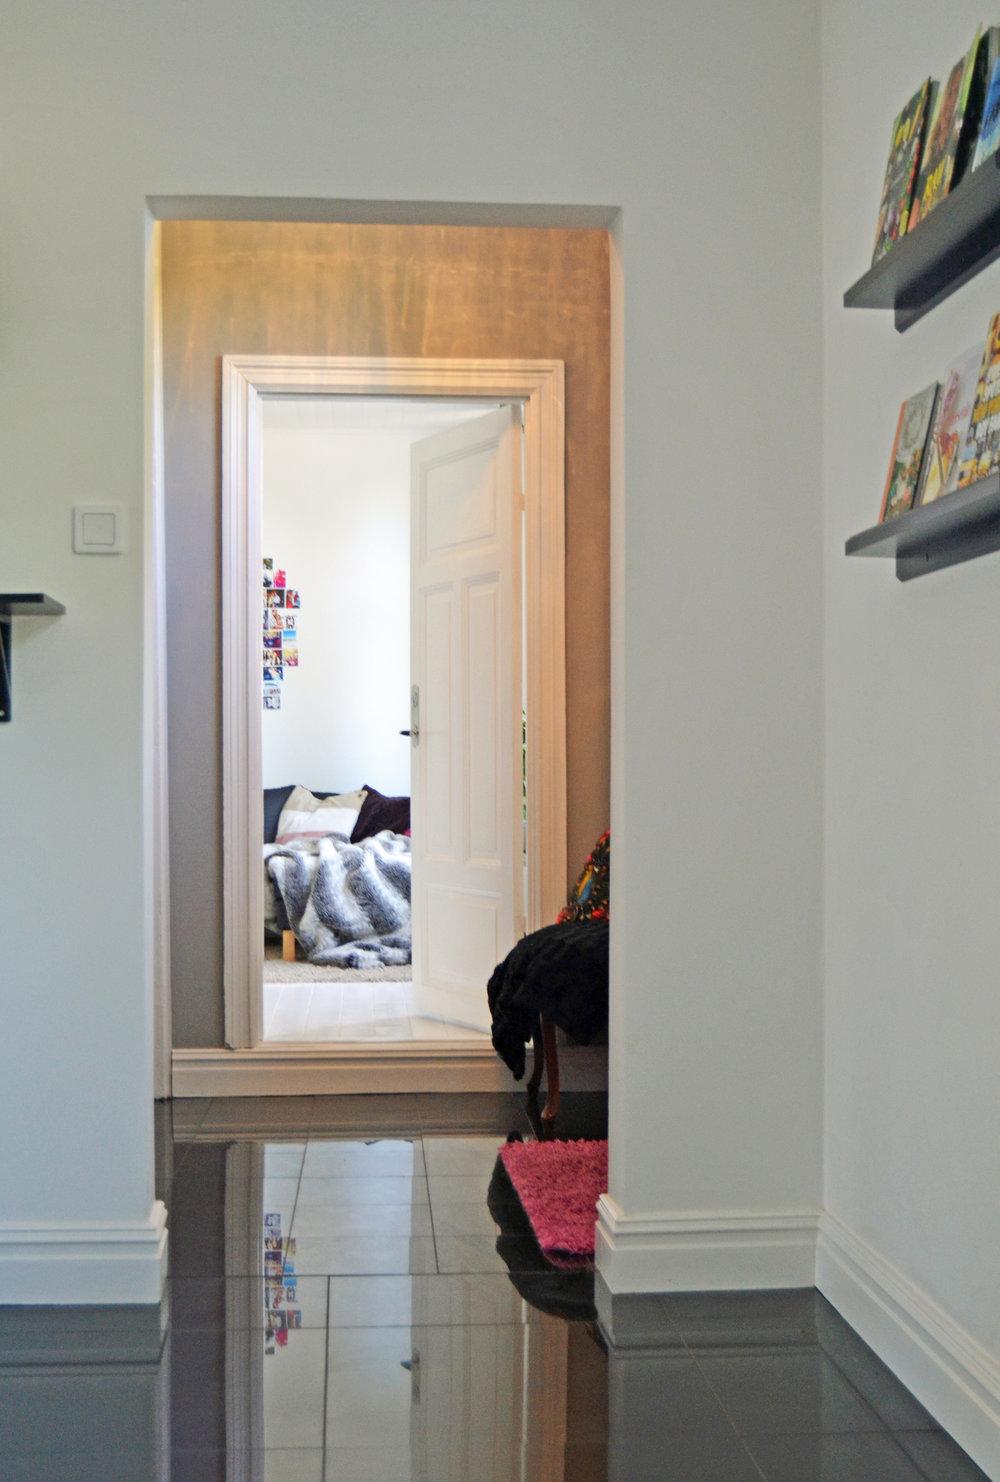 Öppet mellan köket och lilla entrén och längst bort skymtas Louise rum.